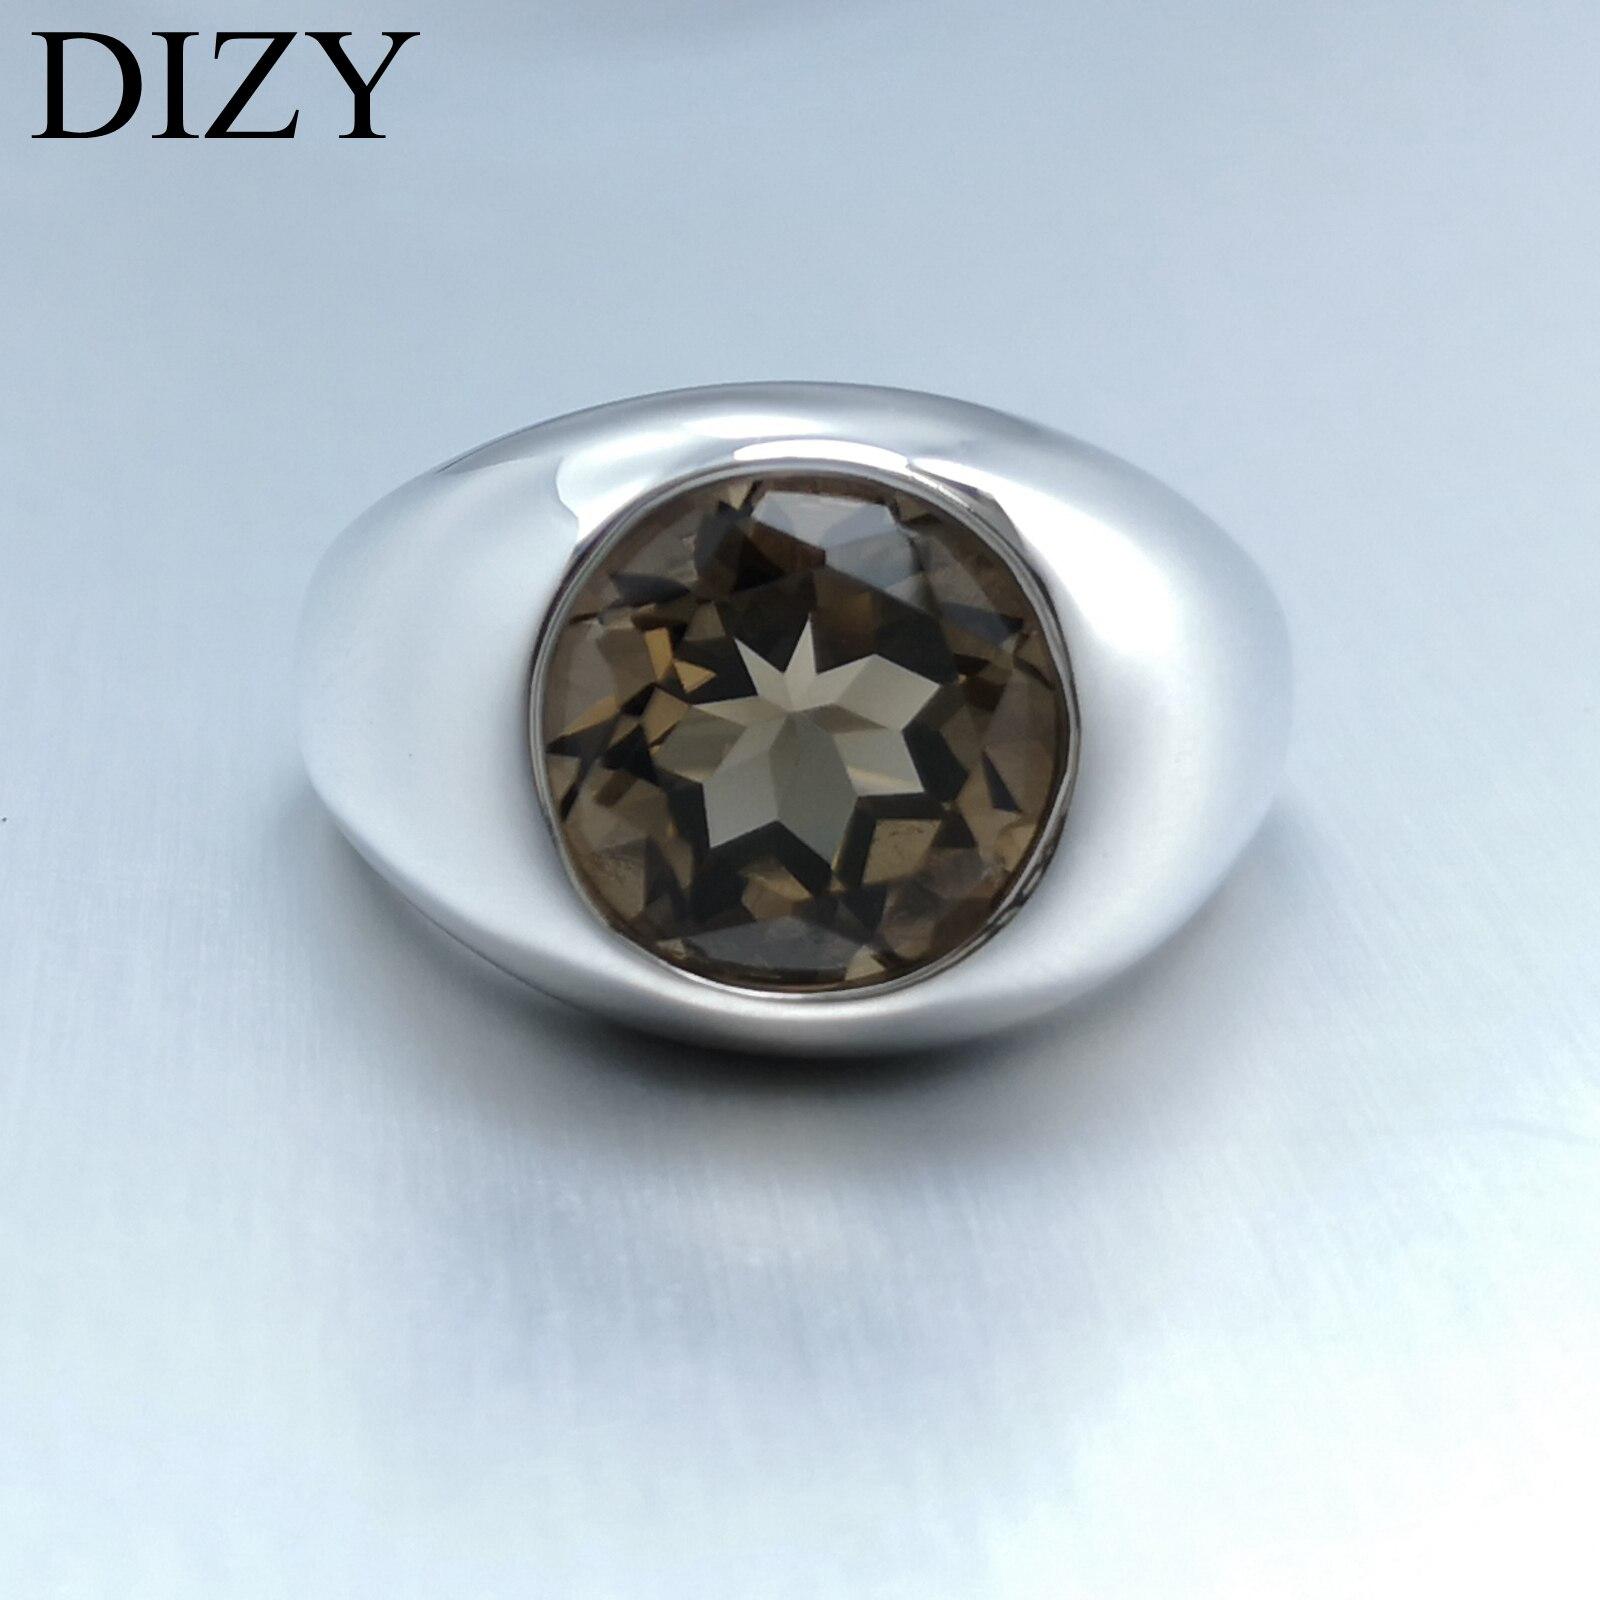 DIZY rond 3.5CT naturel fumé Quartz anneau 925 en argent Sterling anneau de pierres précieuses pour les femmes cadeau de mariage bijoux de fiançailles